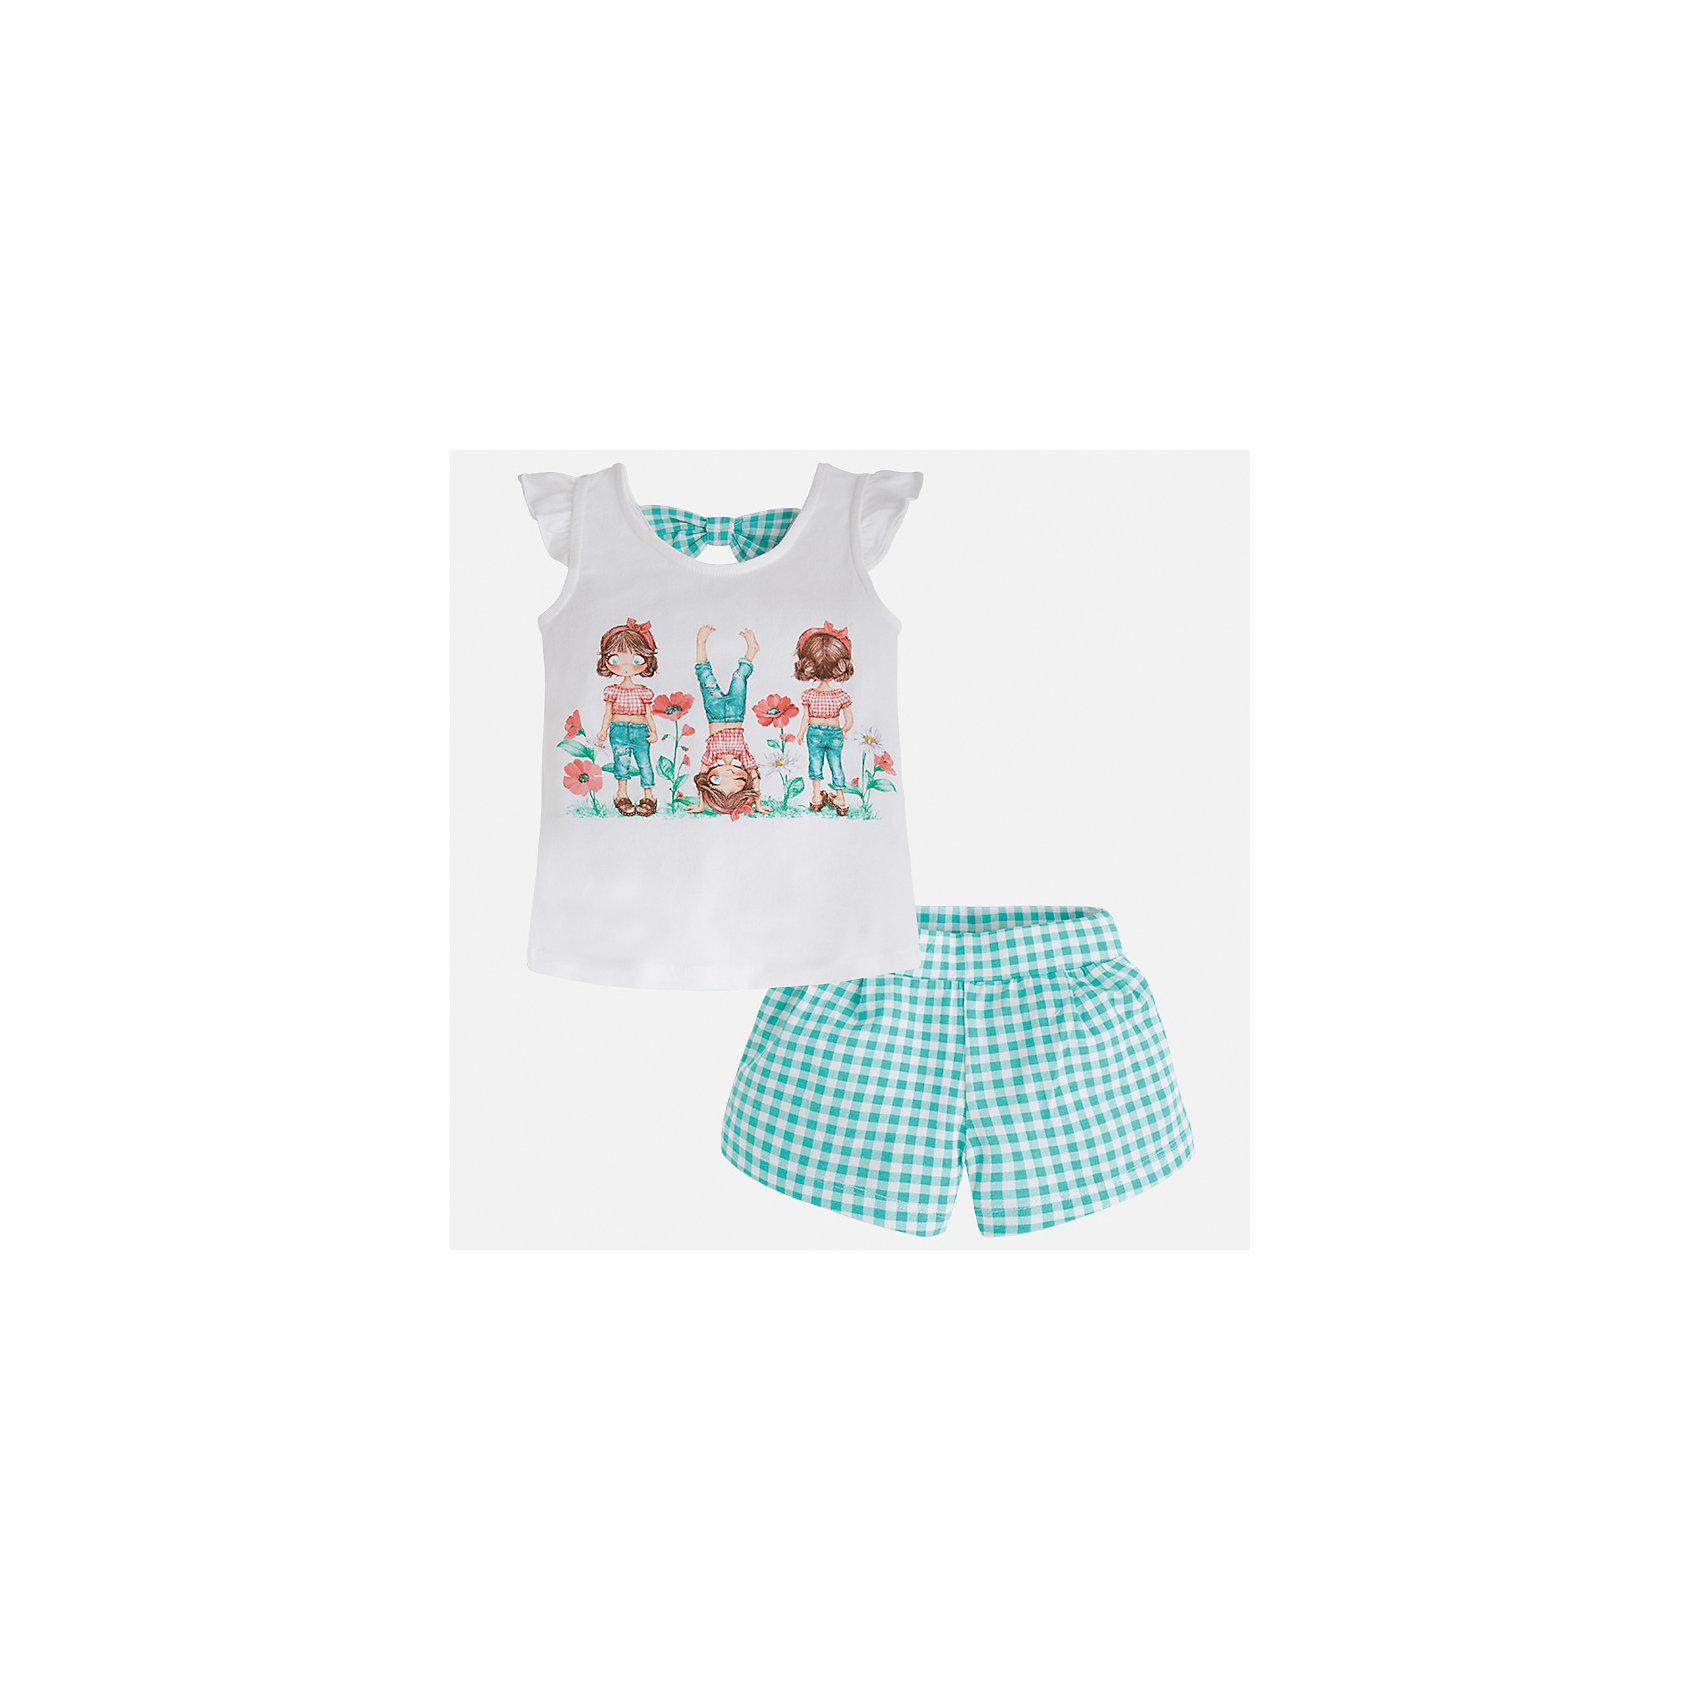 Комплект: футболка и шорты для девочки MayoralХарактеристики товара:<br><br>• цвет: белый/зеленый<br>• состав: 95% хлопок, 5% эластан<br>• комплектация: футболка, шорты<br>• футболка декорирована принтом<br>• шорты в клетку<br>• пояс на резинке<br>• страна бренда: Испания<br><br>Стильный качественный комплект для девочки поможет разнообразить гардероб ребенка и удобно одеться в теплую погоду. Он отлично сочетается с другими предметами. Универсальный цвет позволяет подобрать к вещам верхнюю одежду практически любой расцветки. Интересная отделка модели делает её нарядной и оригинальной. В составе материала - натуральный хлопок, гипоаллергенный, приятный на ощупь, дышащий.<br><br>Одежда, обувь и аксессуары от испанского бренда Mayoral полюбились детям и взрослым по всему миру. Модели этой марки - стильные и удобные. Для их производства используются только безопасные, качественные материалы и фурнитура. Порадуйте ребенка модными и красивыми вещами от Mayoral! <br><br>Комплект для девочки от испанского бренда Mayoral (Майорал) можно купить в нашем интернет-магазине.<br><br>Ширина мм: 191<br>Глубина мм: 10<br>Высота мм: 175<br>Вес г: 273<br>Цвет: синий<br>Возраст от месяцев: 96<br>Возраст до месяцев: 108<br>Пол: Женский<br>Возраст: Детский<br>Размер: 134,92,98,104,110,116,122,128<br>SKU: 5289848